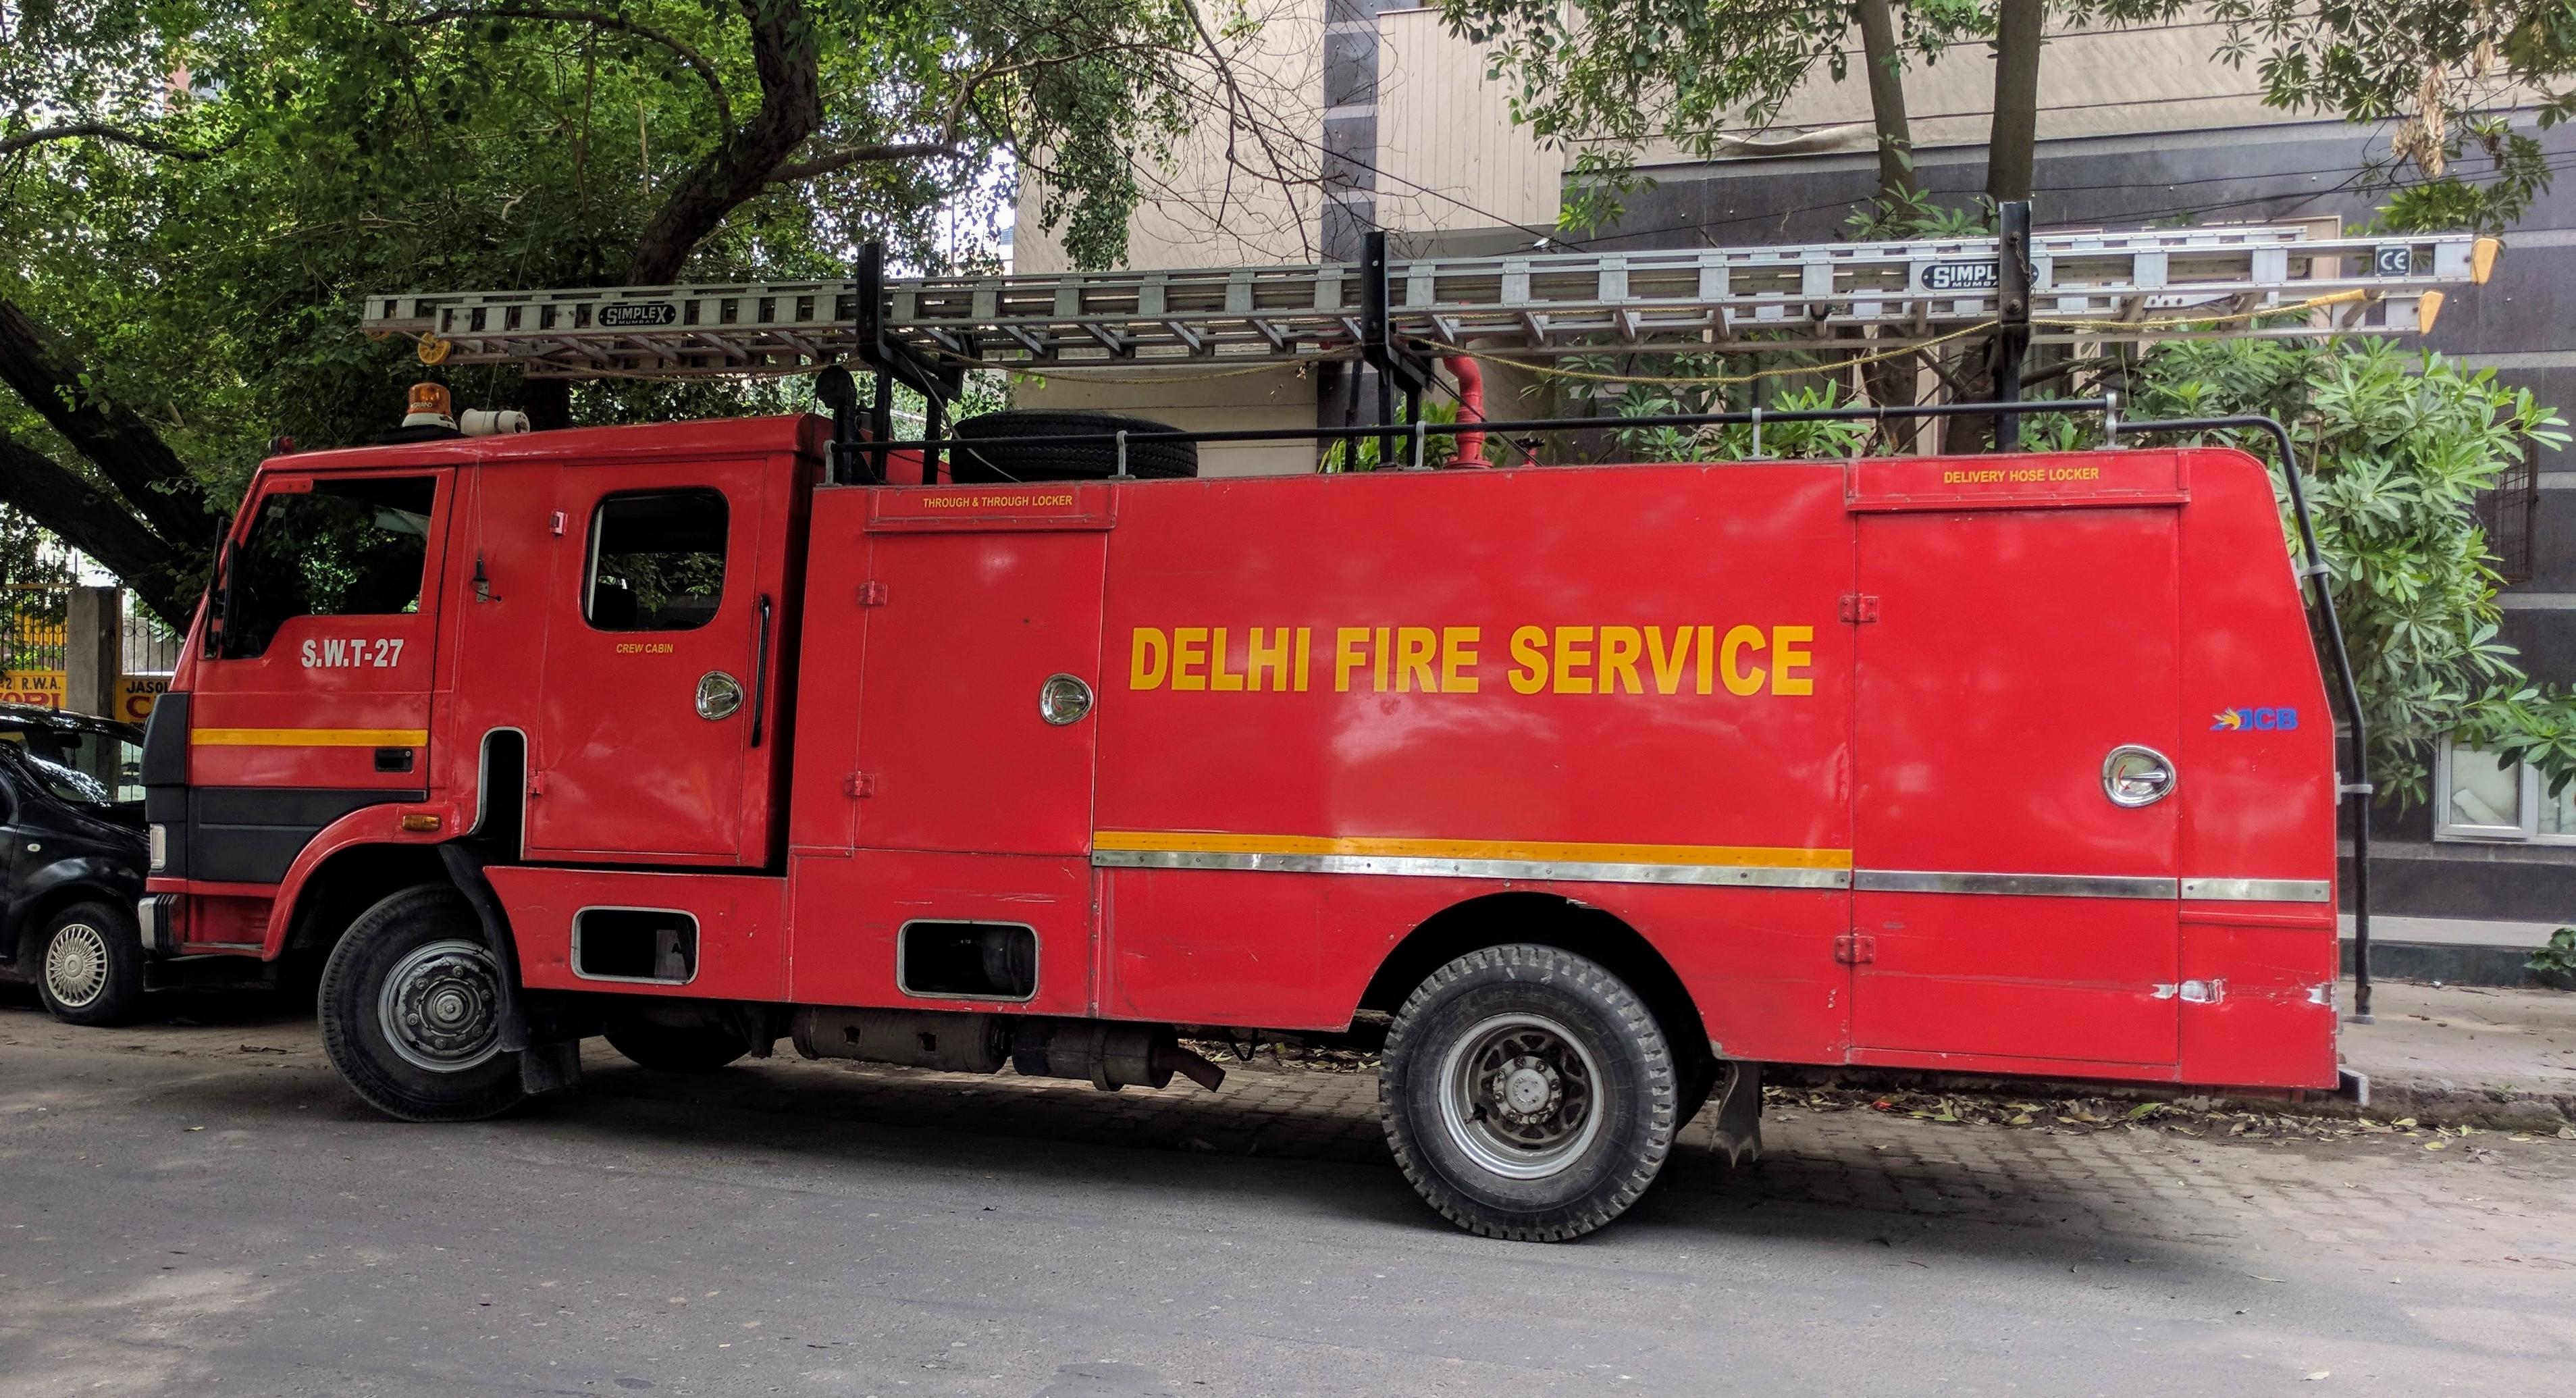 Delhi Fire Service - Wikipedia